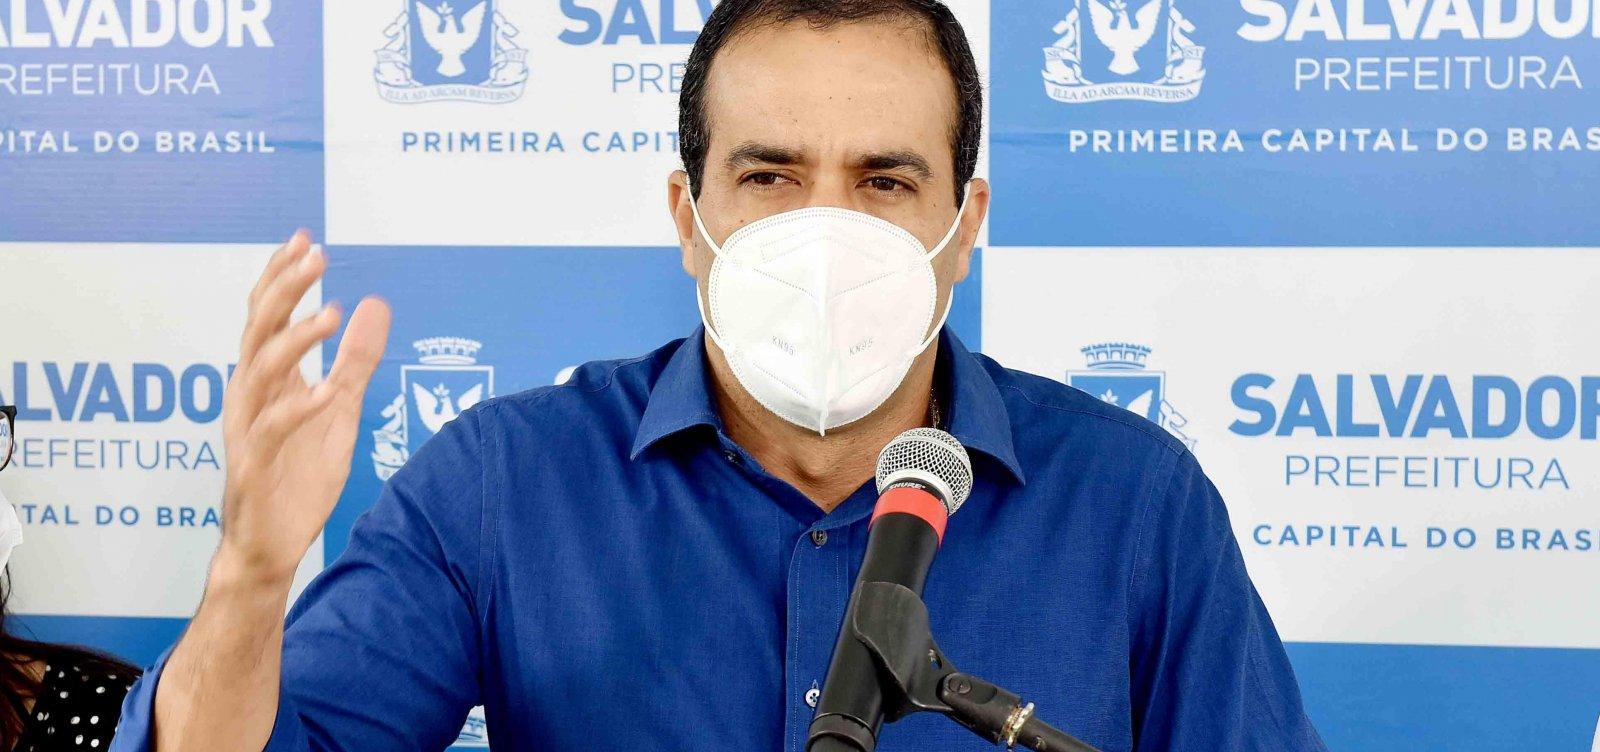 Prefeitura de Salvador pretende concluir vacinação dos grupos prioritários até quarta